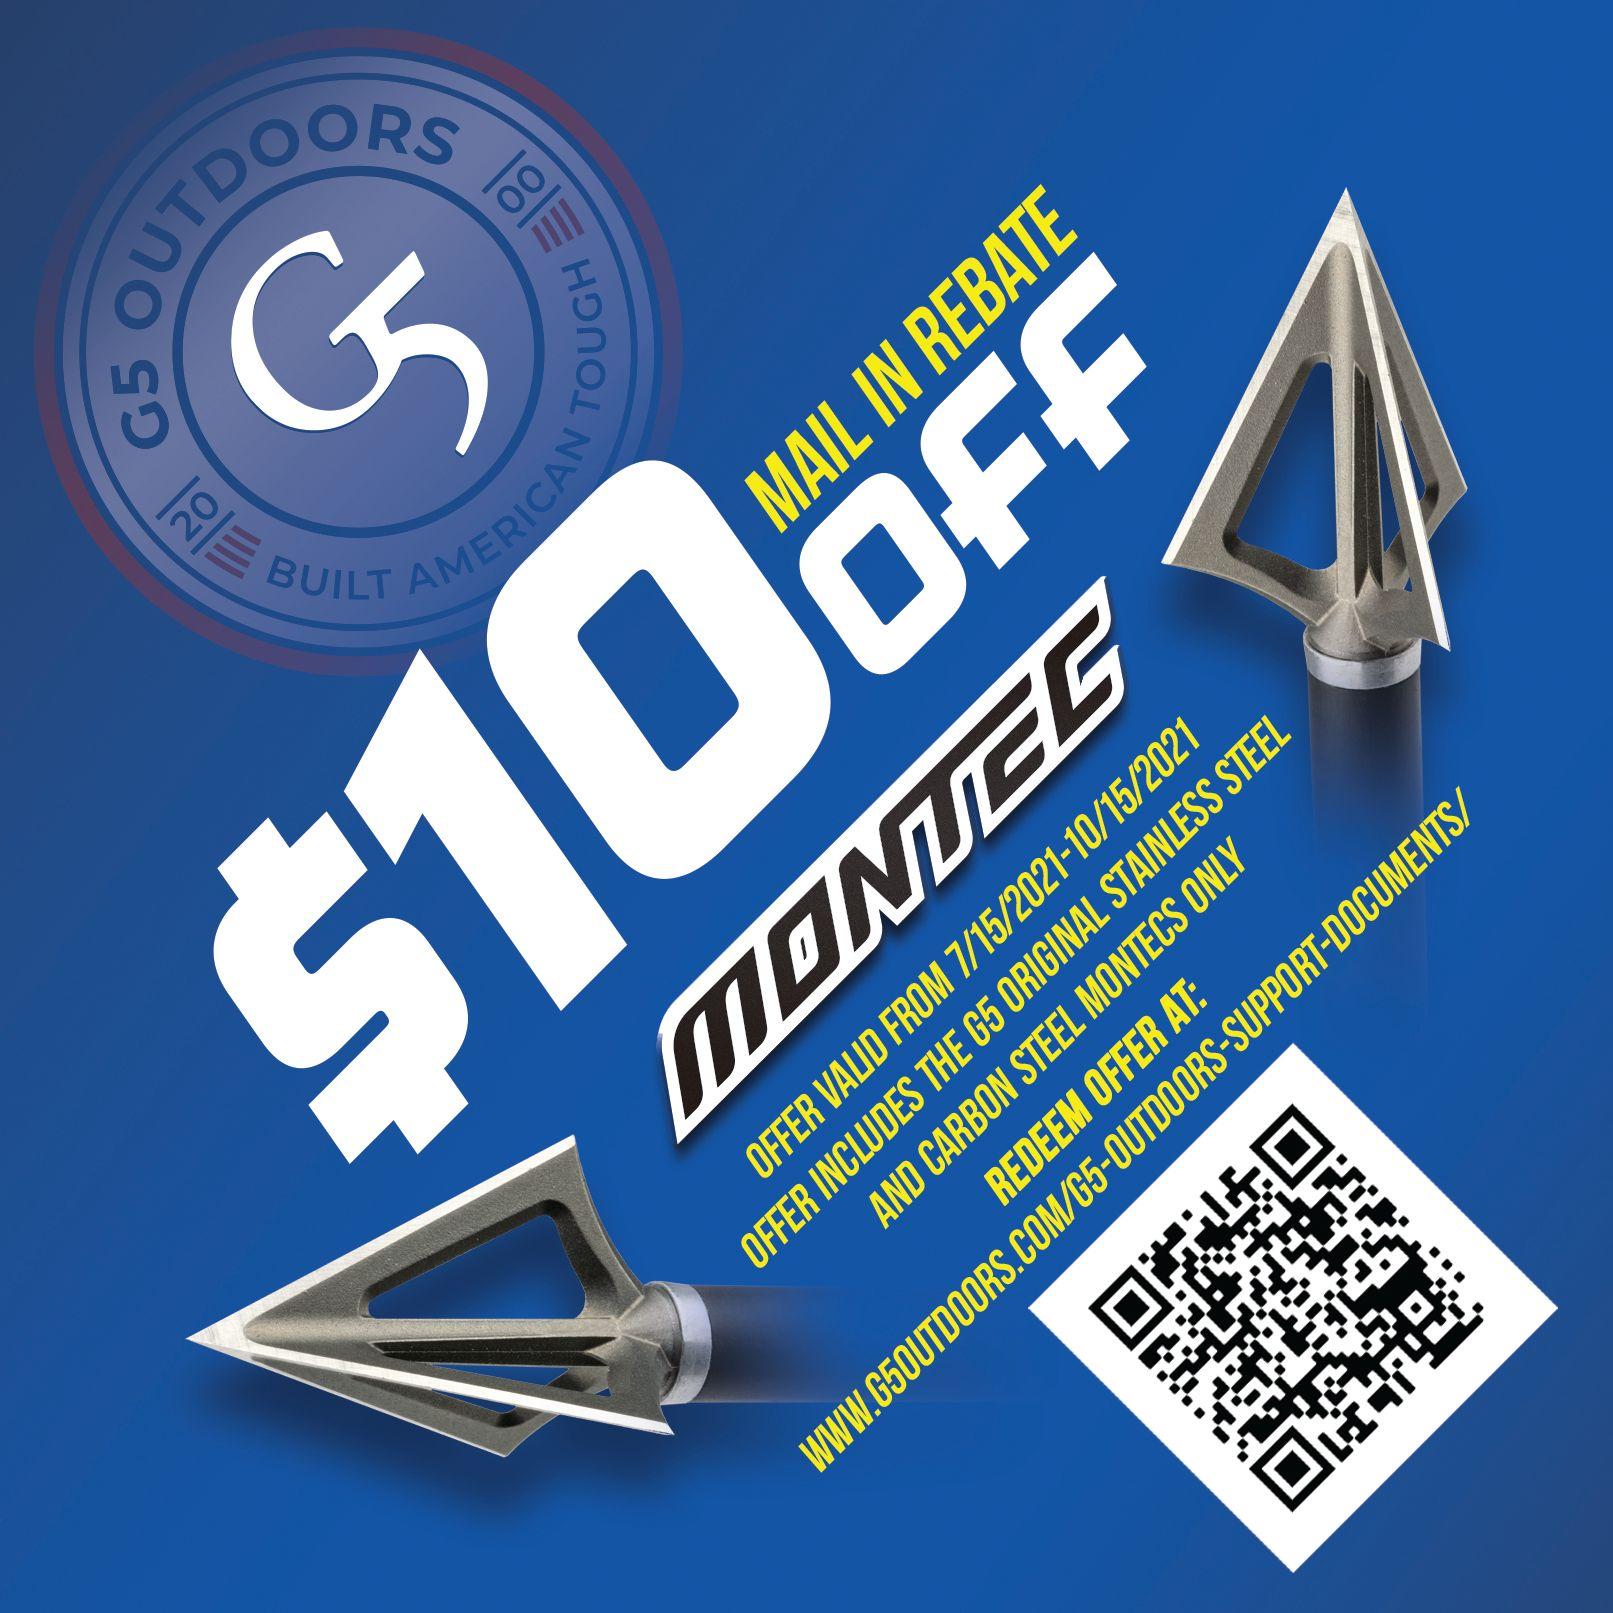 G5 Montec Mail In Rebate